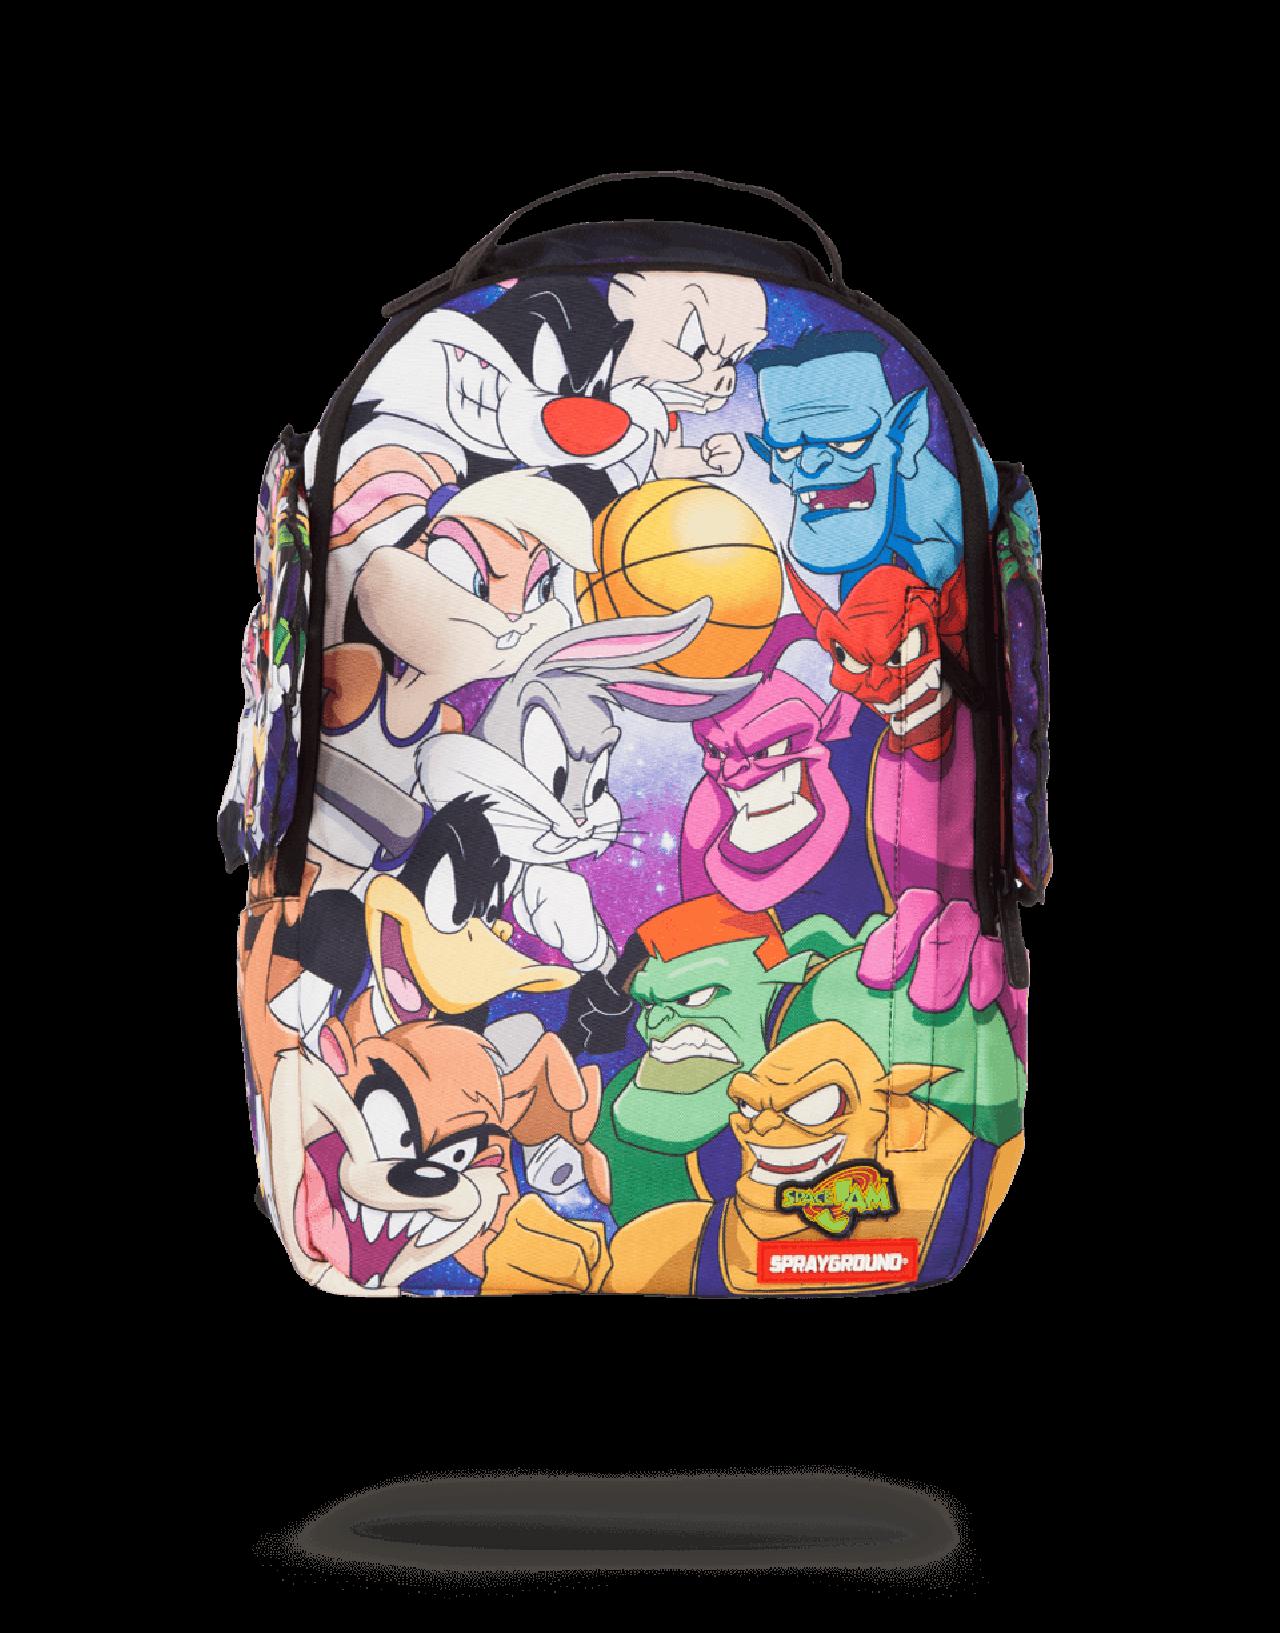 Space Jam Wings Bags Mcm Bags Backpack Bags